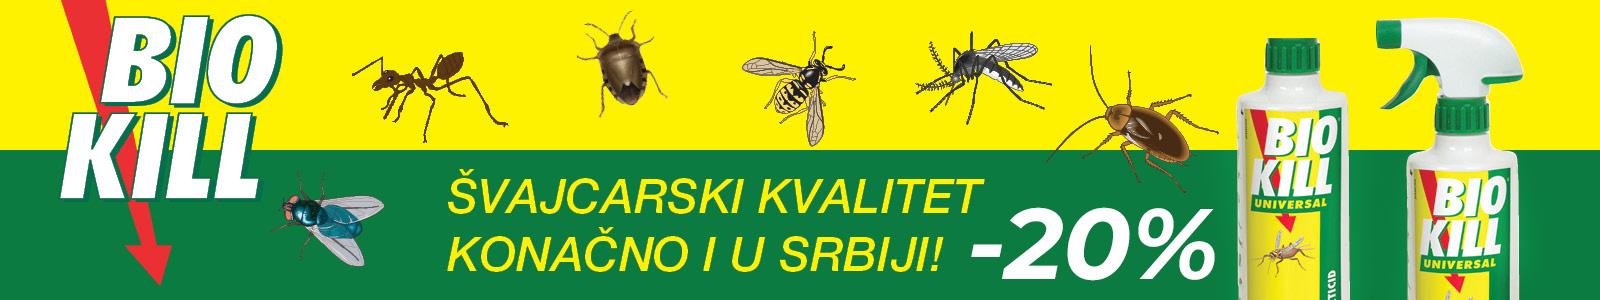 Sredstva protiv insekata